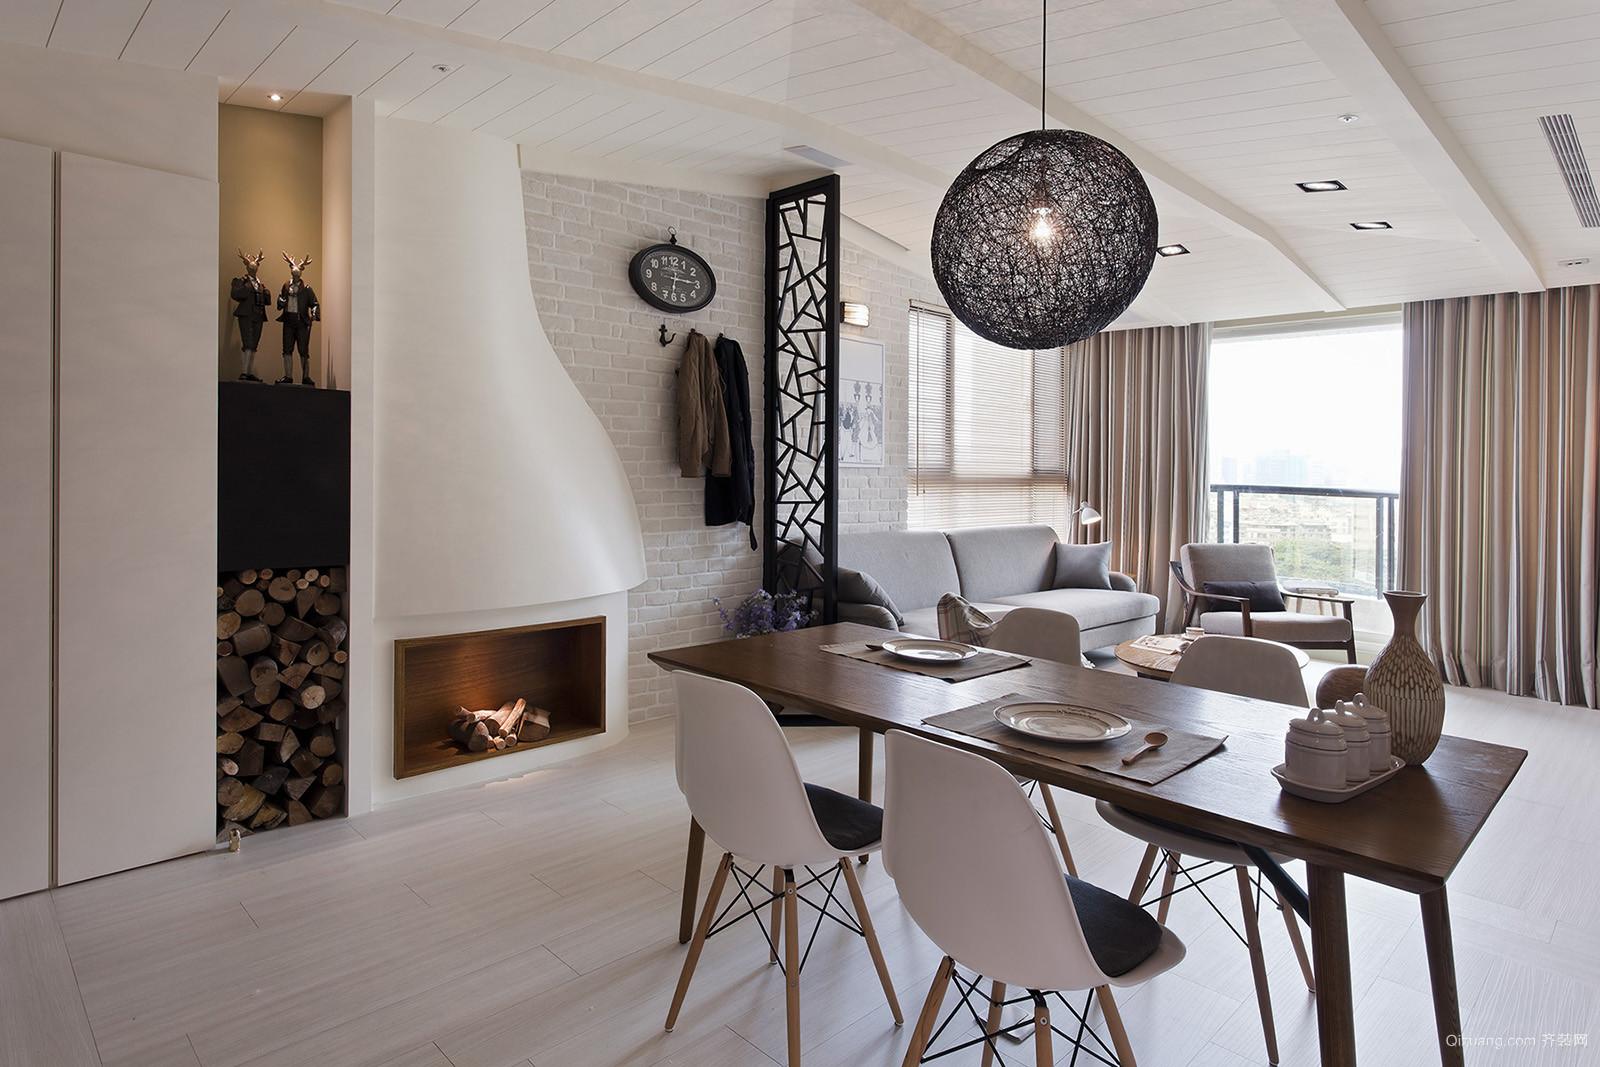 混搭风格单身公寓餐厅设计装修效果图